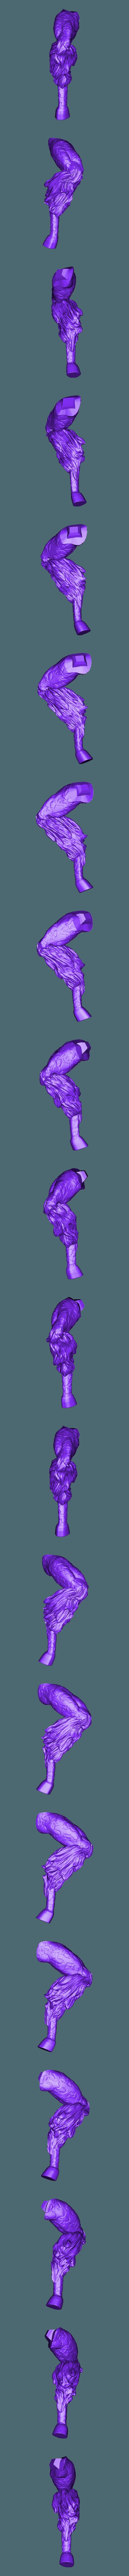 D%C3%A9voreur_-_Jambe_Droite.stl Télécharger fichier STL gratuit Le Dévoreur • Design pour impression 3D, BODY3D